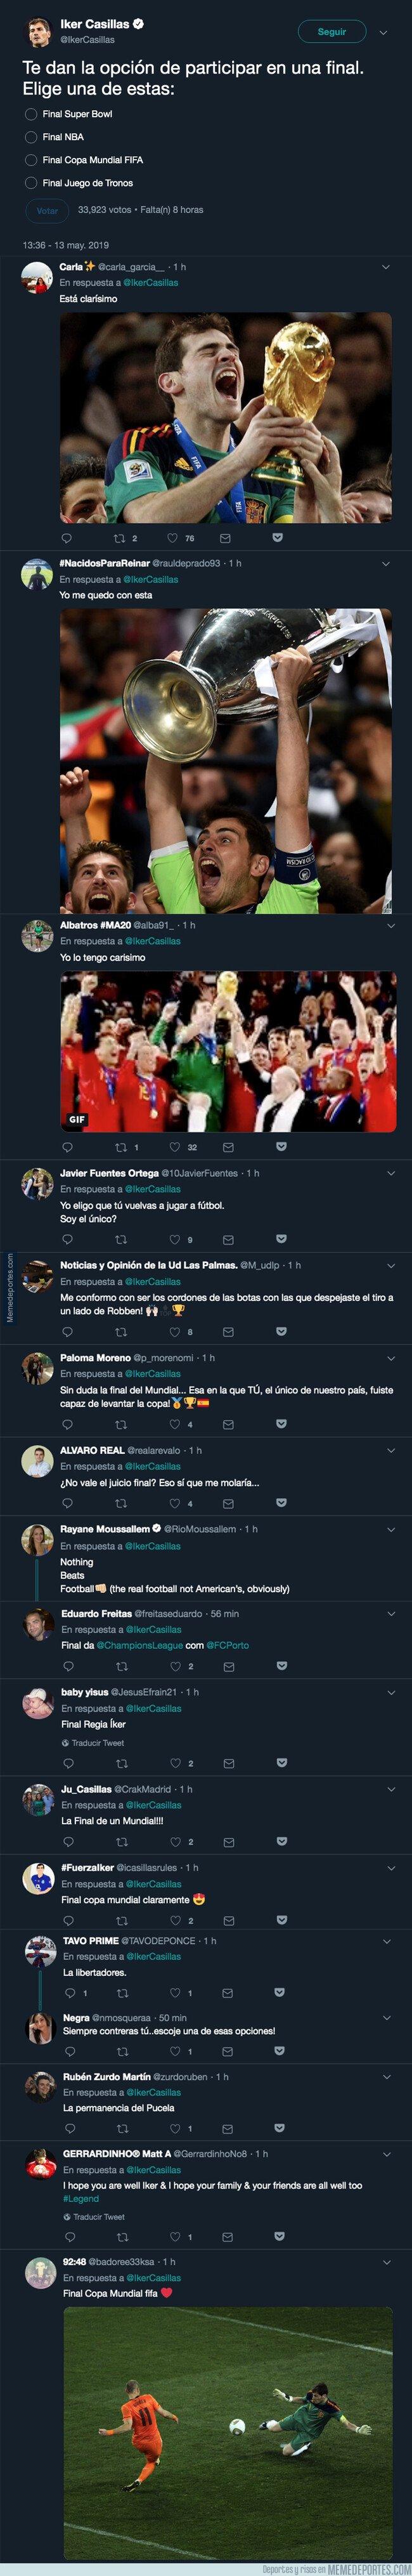 1074883 - Iker Casillas pone un reto en Twitter de elegir entre cuatro finales y la gente responde